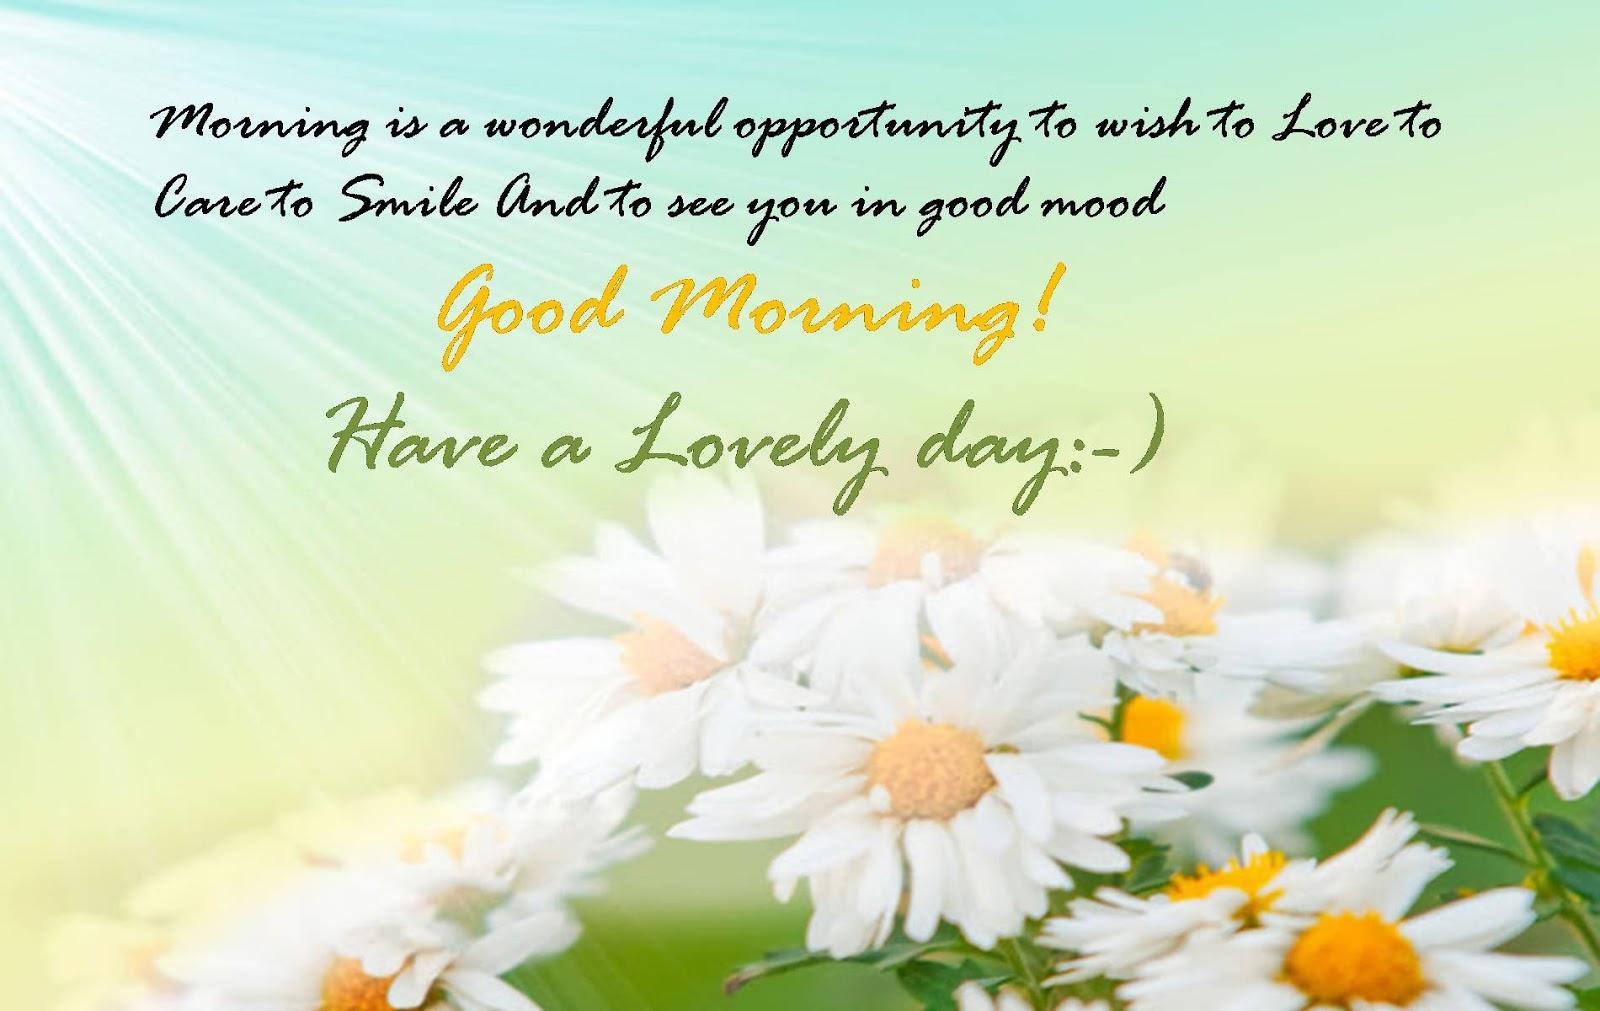 49+] Good Morning Monday Wallpaper on WallpaperSafari